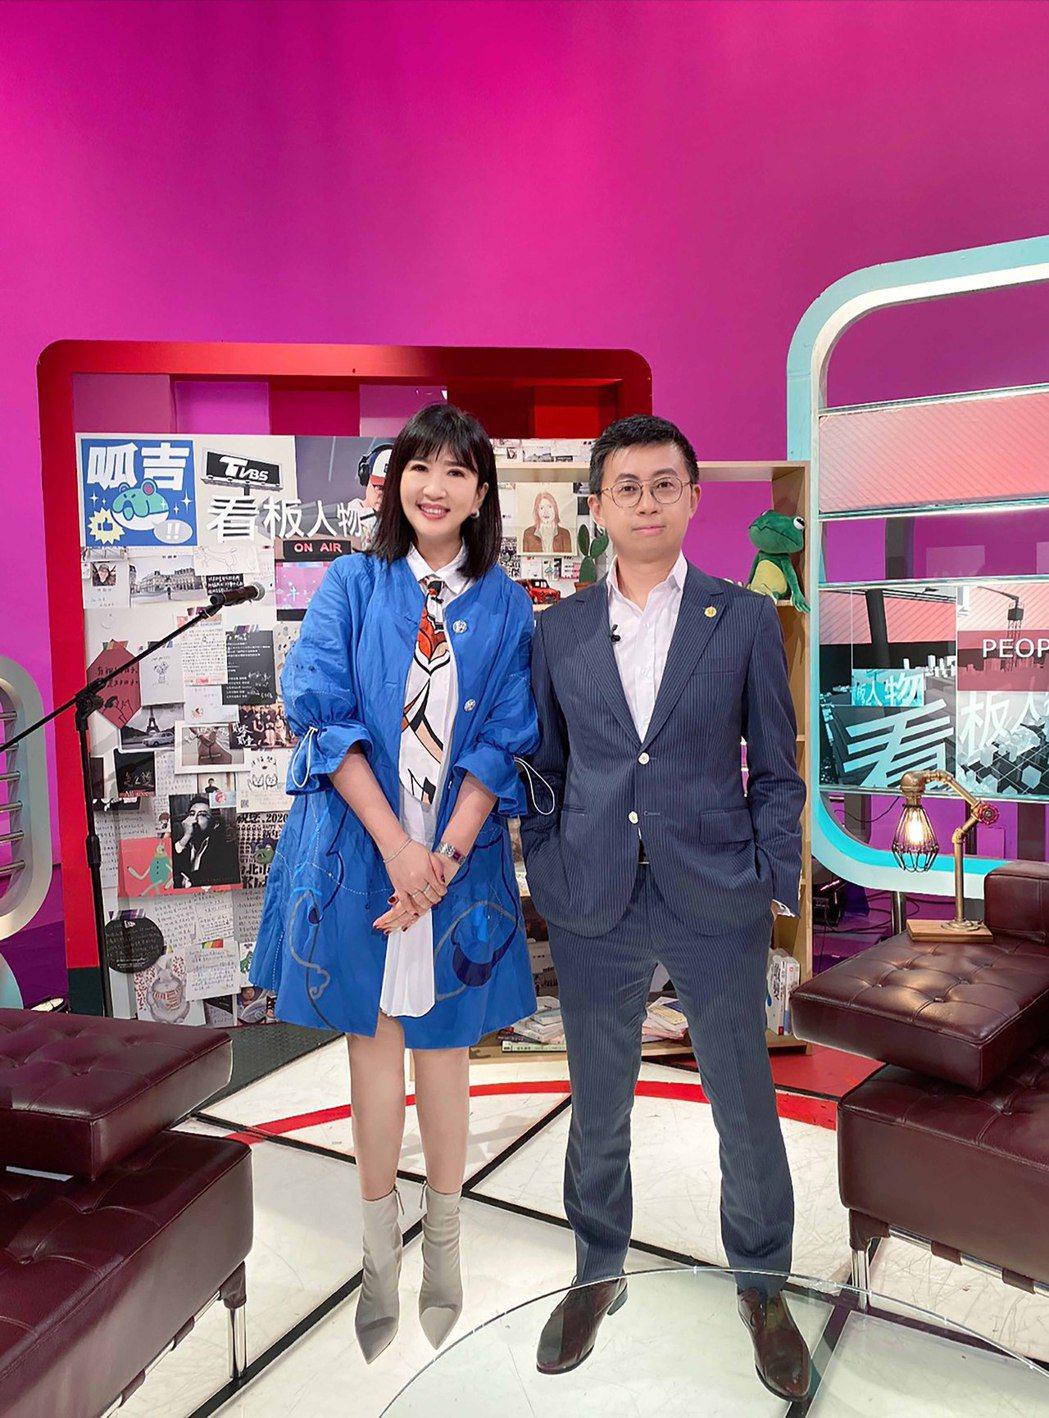 呱吉與方念華一起分享不一樣的政治角度。圖/TVBS提供